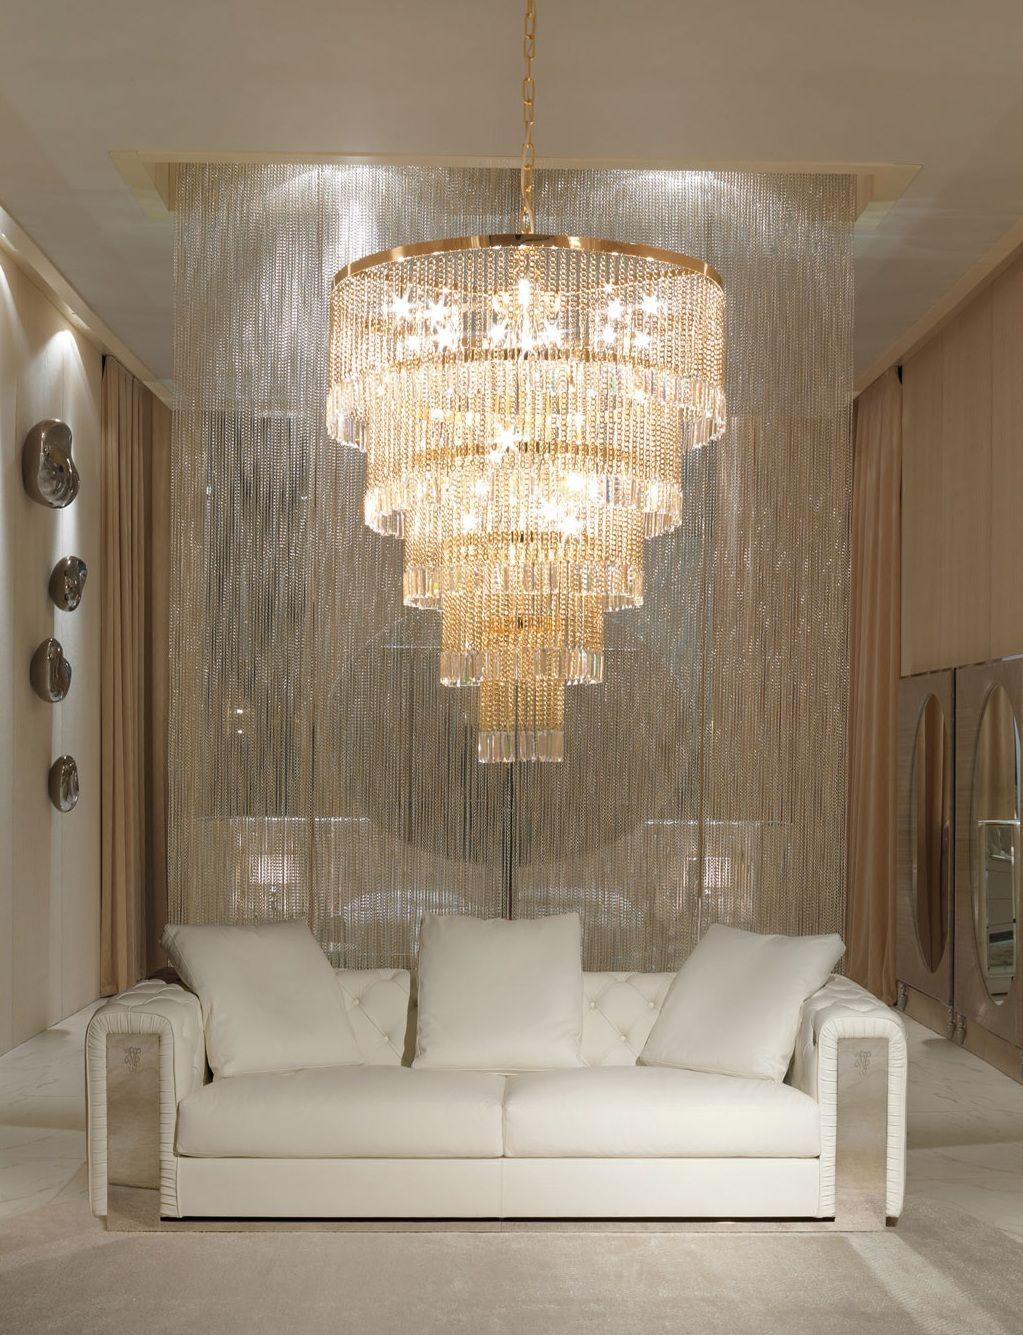 Chandeliers The Grand Italian Designer Crystal Crown So Elegant